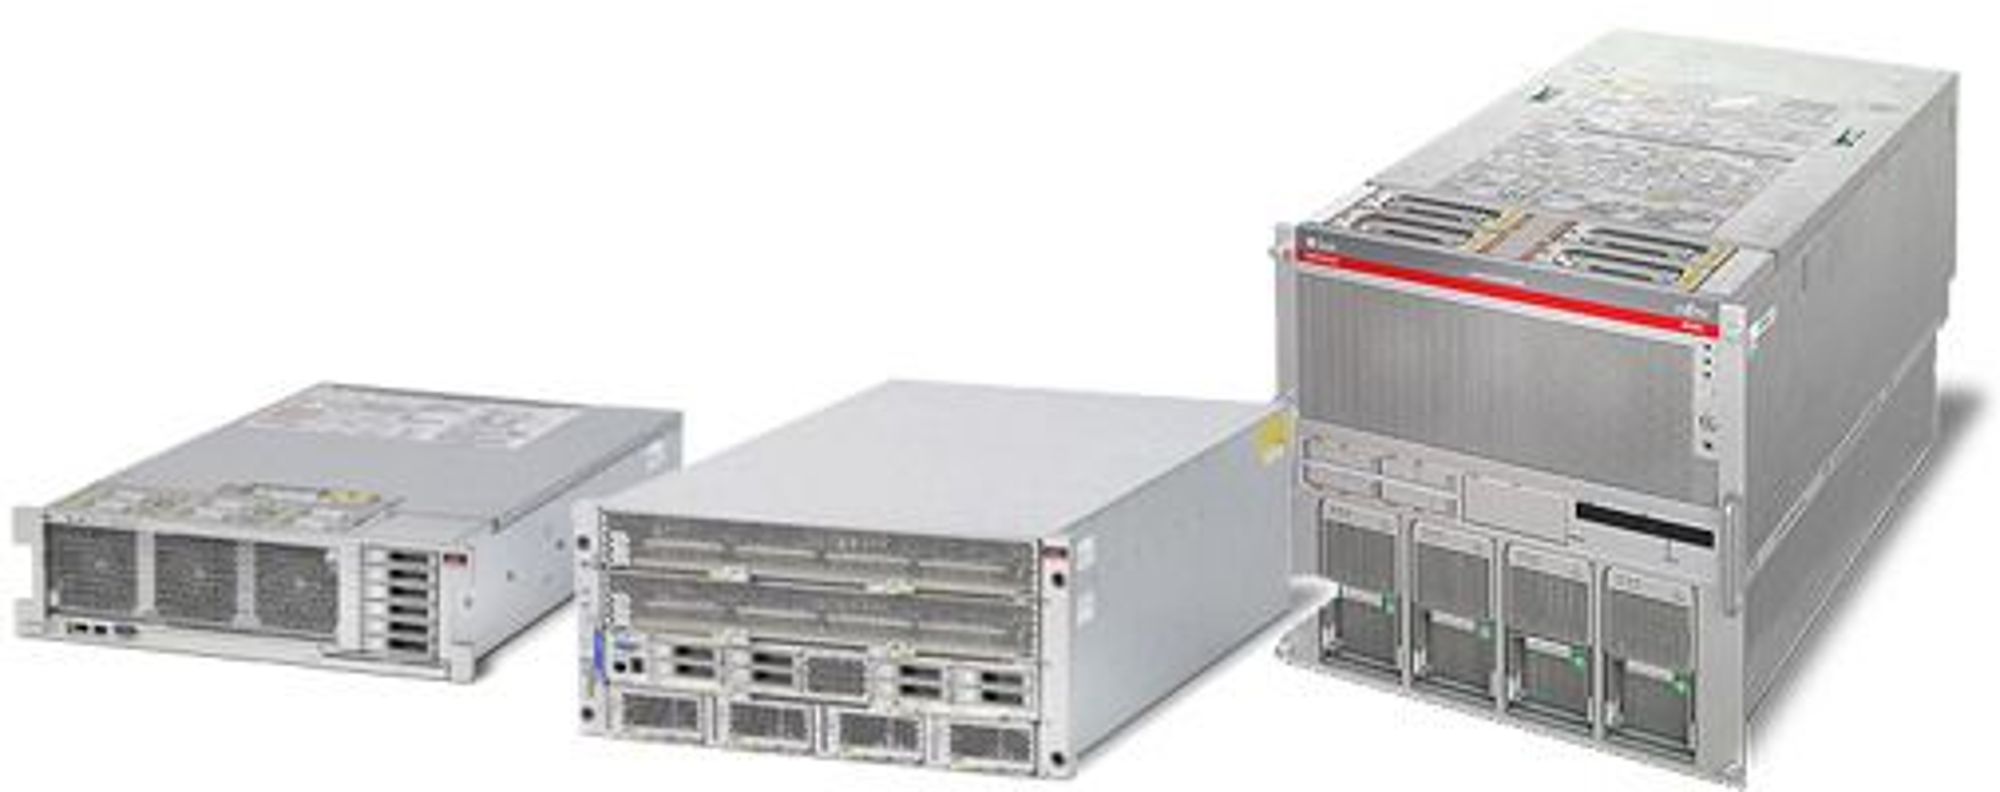 Disse serverne går igjen i Oracles nye integrerte løsninger, fra venstre: Sparc T3-2, Sparc T3-4 og Sparc M5000.